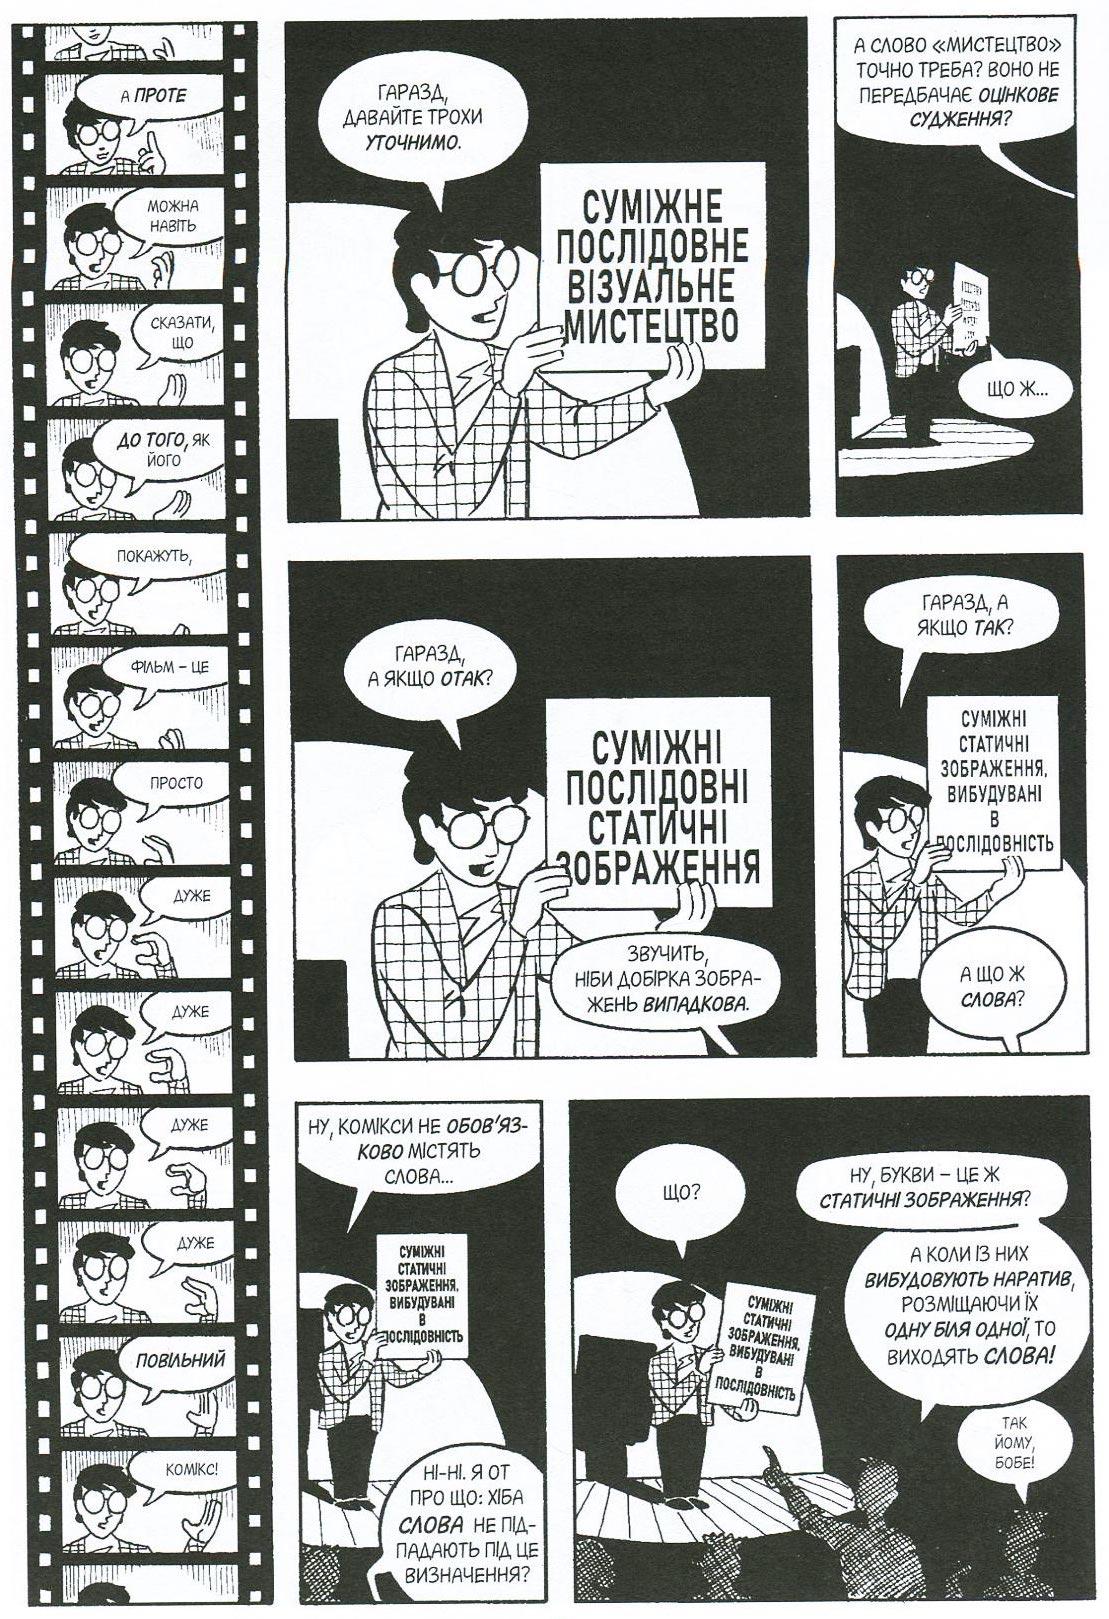 04.3 mc cloud  - <b>GON, «Орда», Скотт Пілігрим і як зрозуміти комікси</b> — огляд коміксів від Бориса Філоненка - Заборона